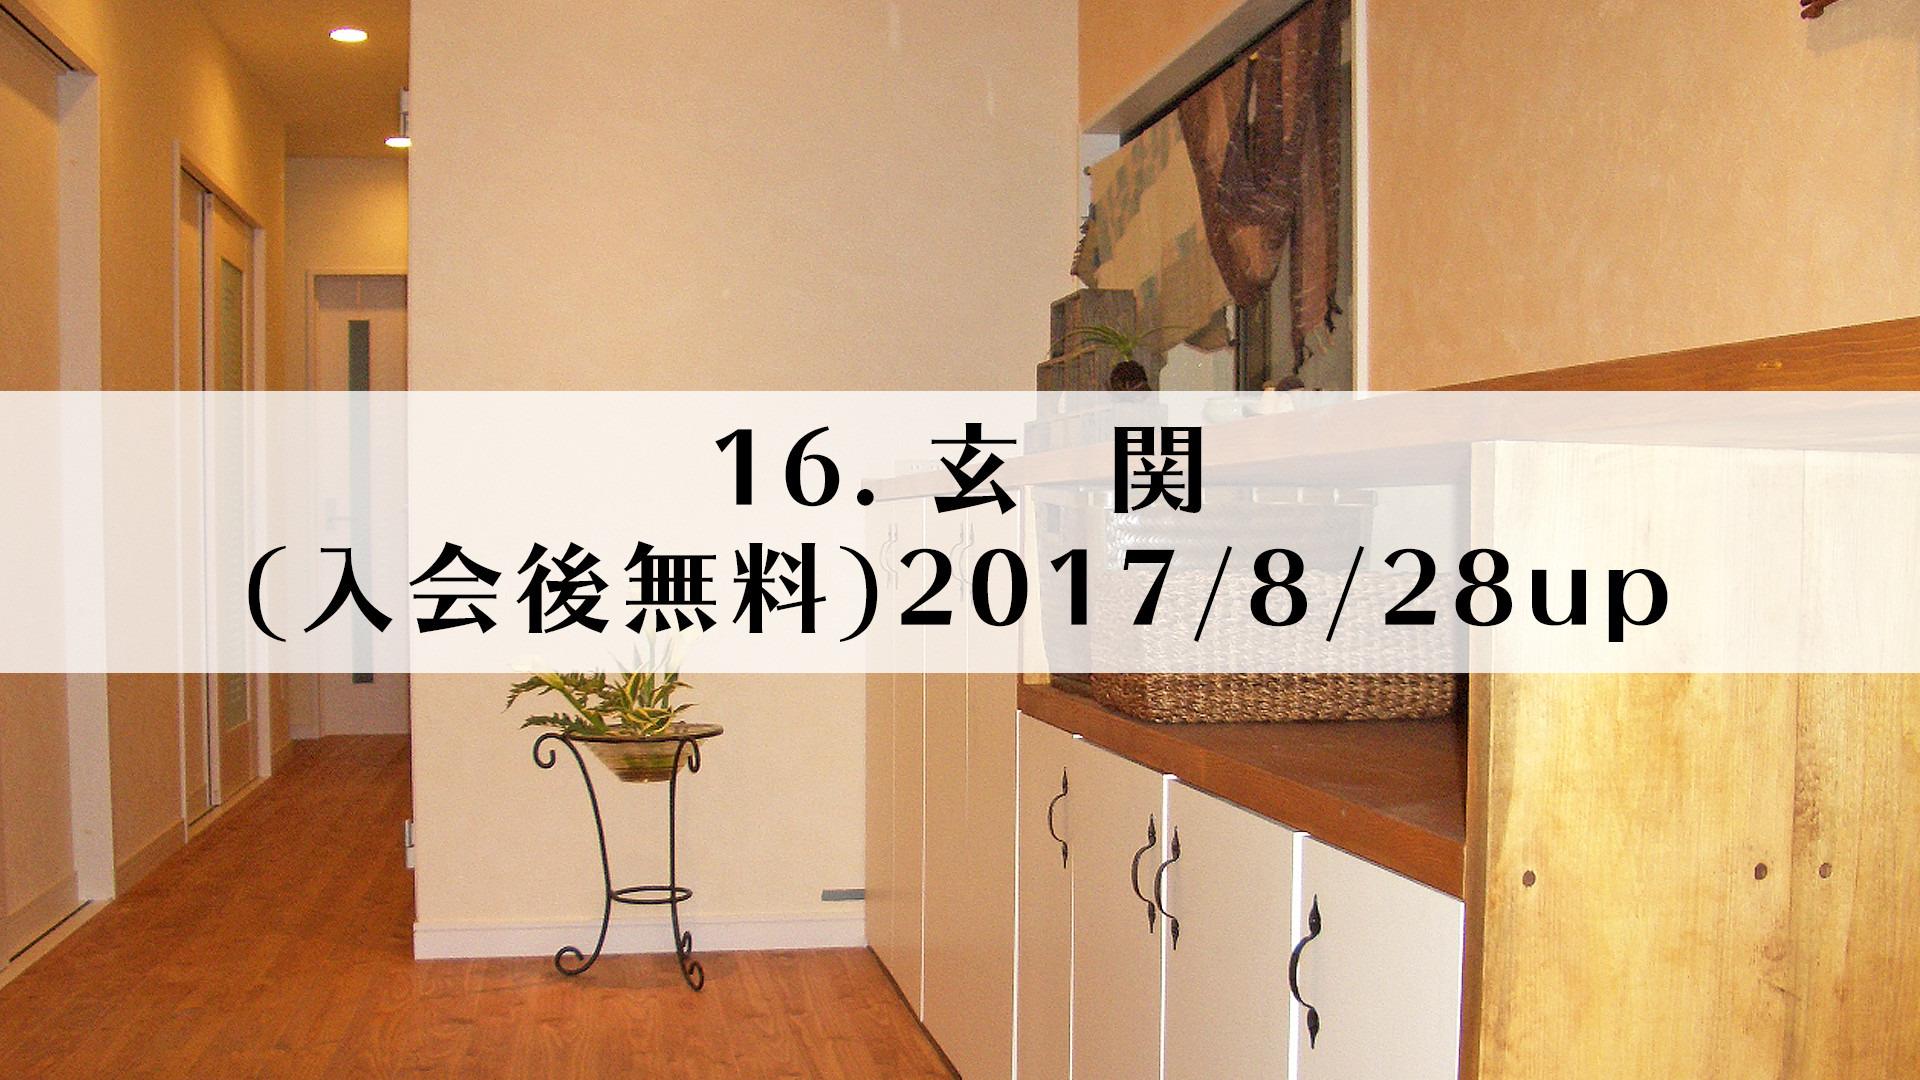 16.玄関(入会後無料)2017/8/28up